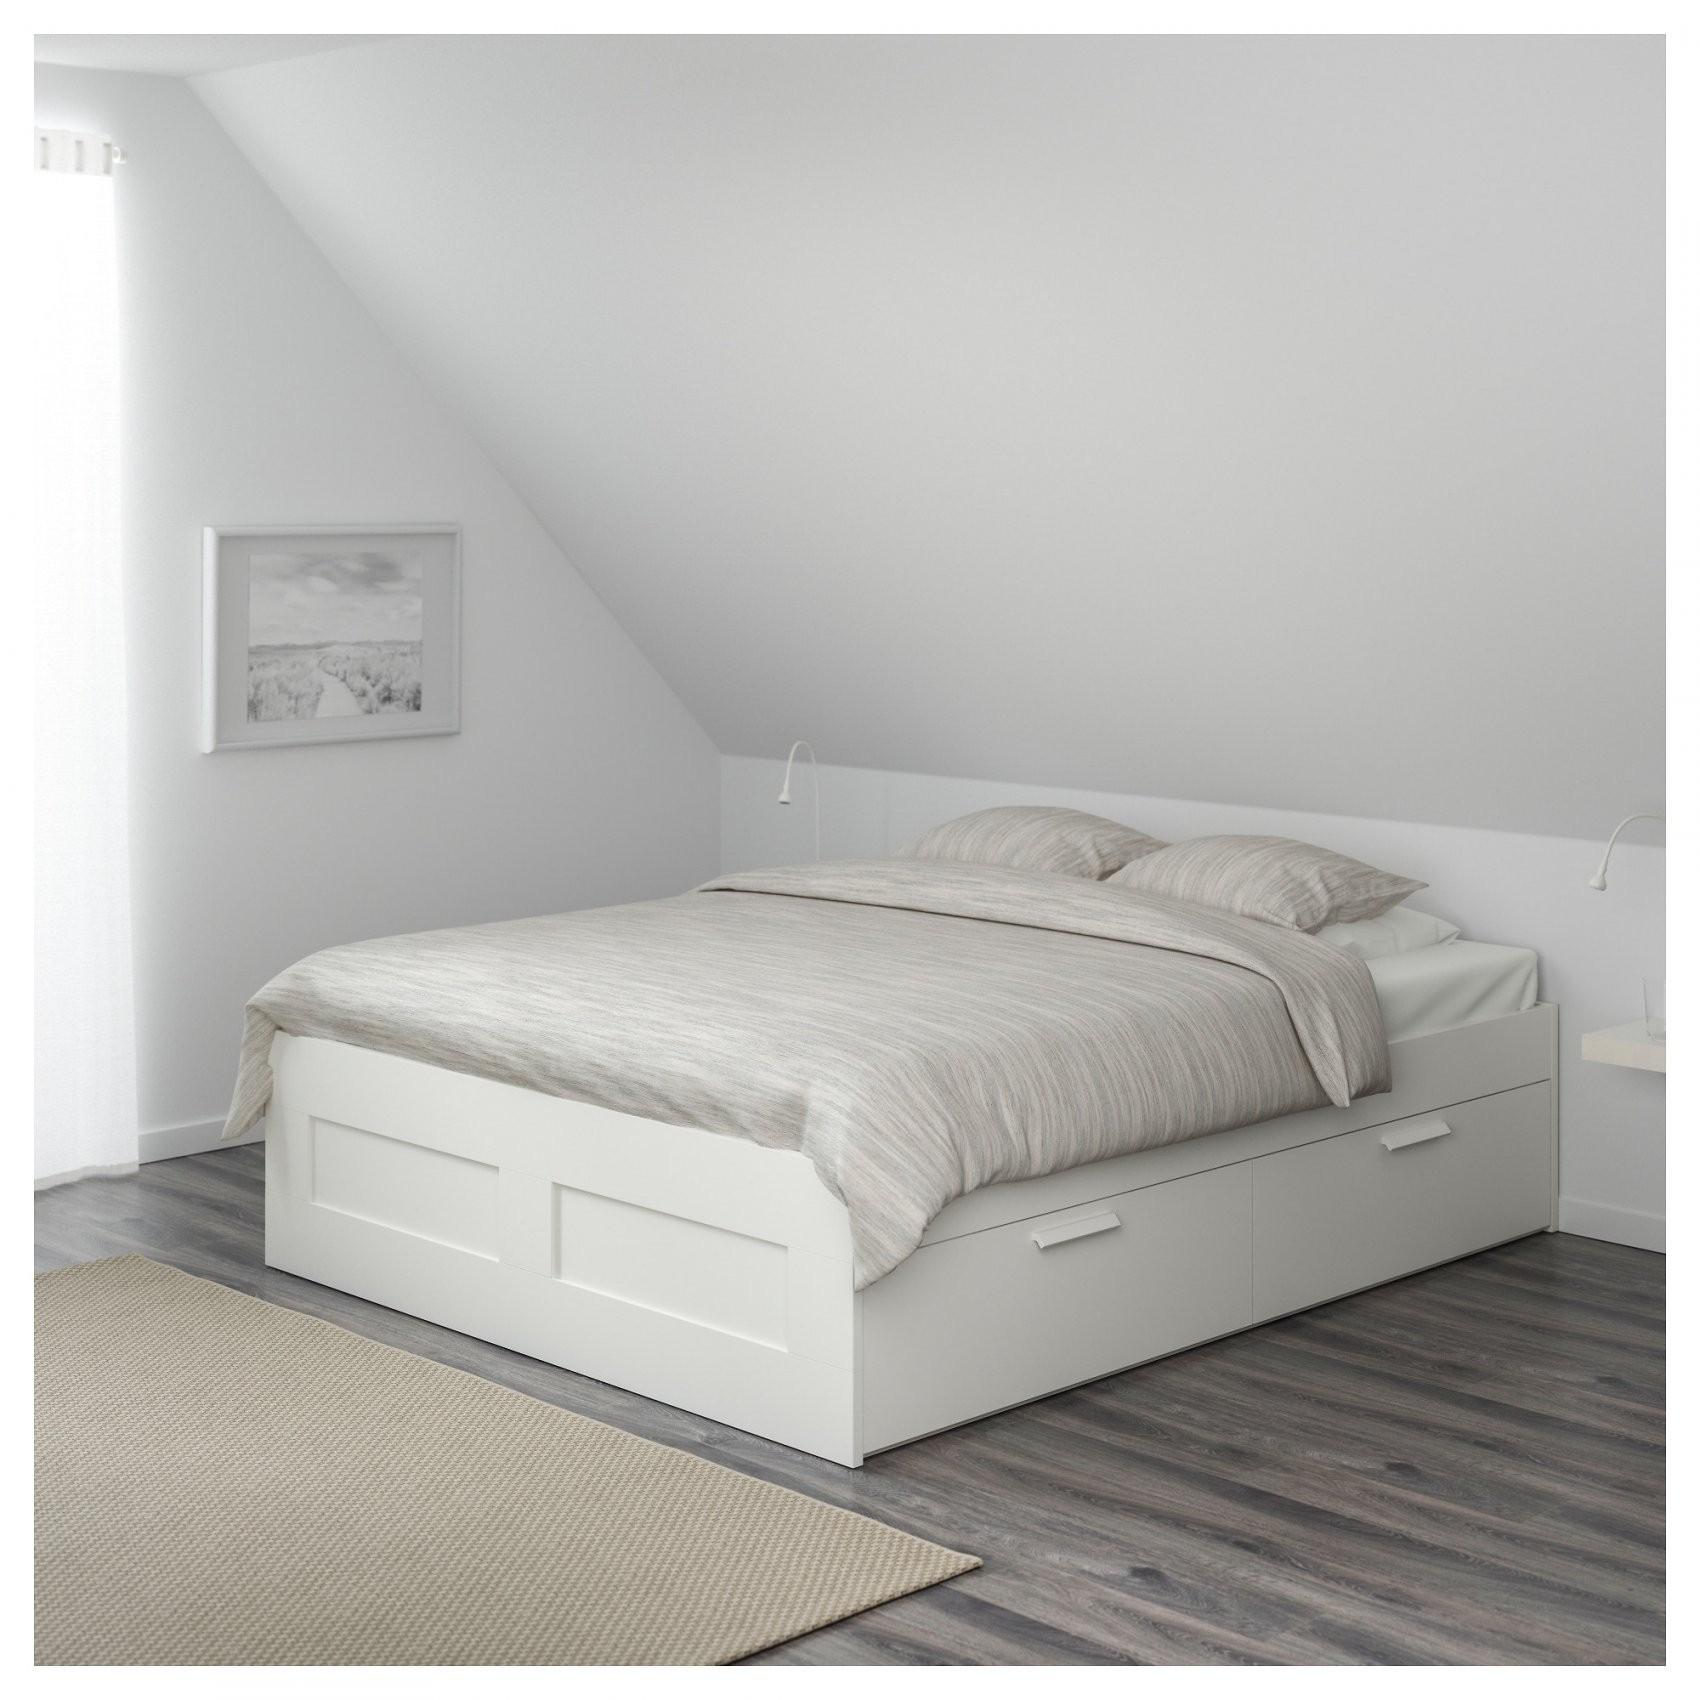 Brimnes Bedframe Met Opberglades  160X200 Cm  Wit  Ikea von Ikea Betten 180X200 Photo